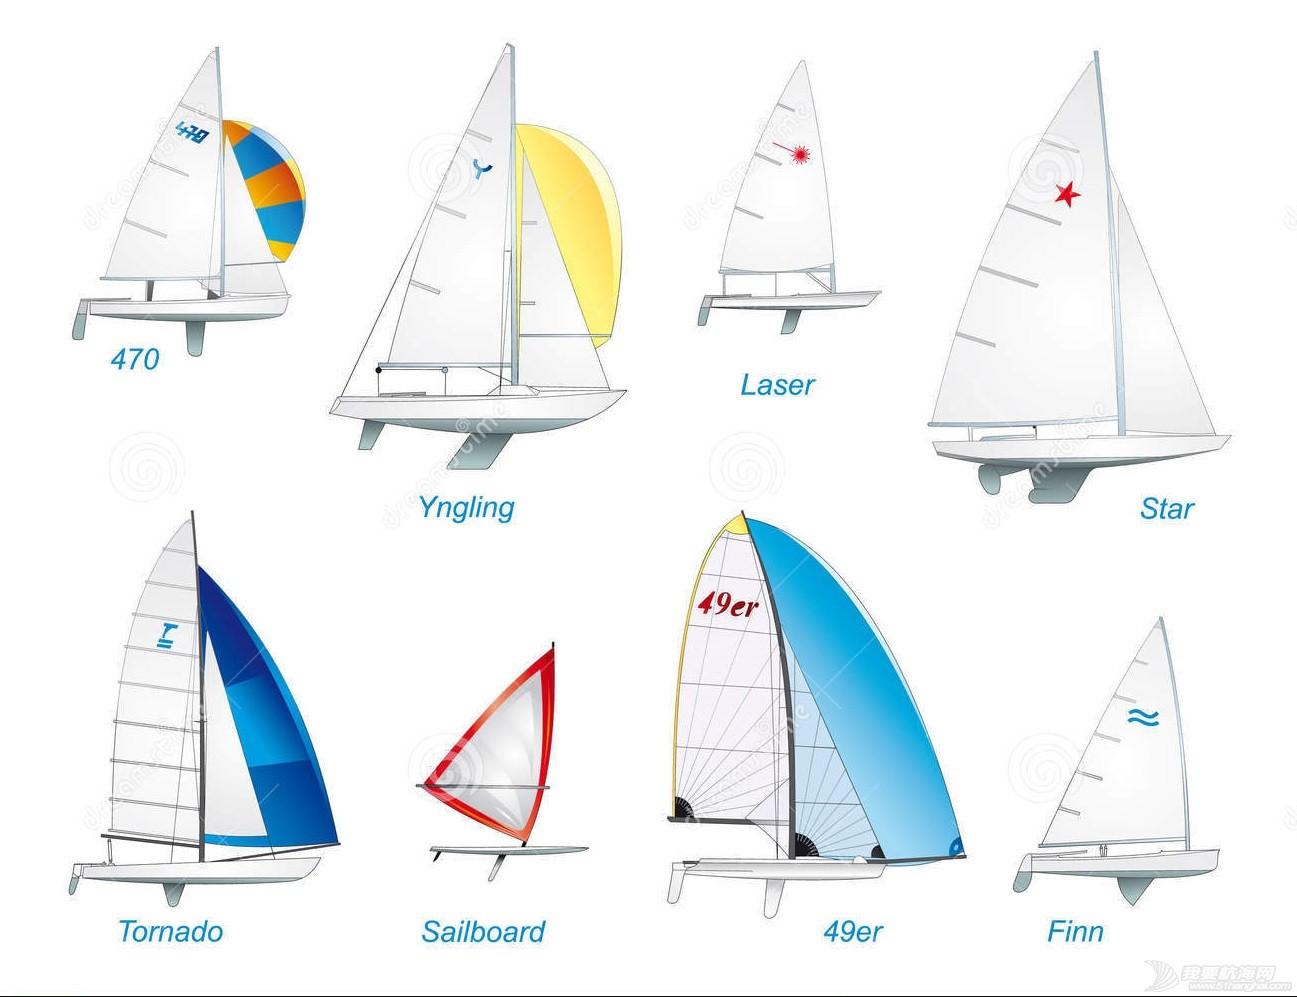 芬兰人级,帆船 芬兰人级帆船 sailing-olympic-sailboat-classes-9938715.jpg